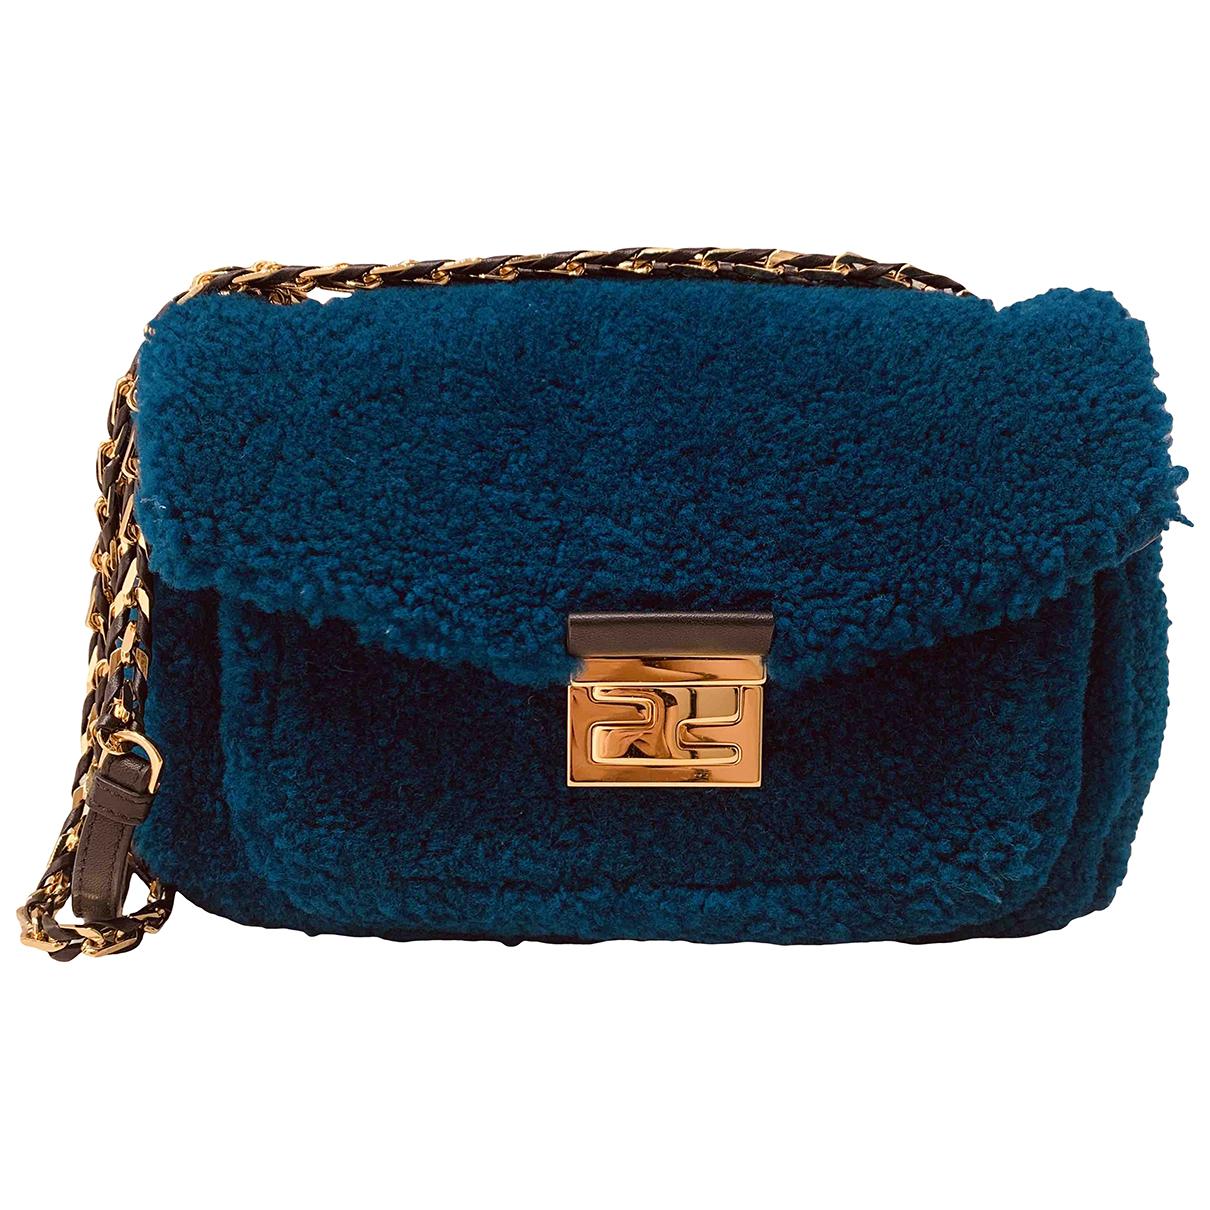 Fendi - Sac a main Bebaguette pour femme en laine - bleu